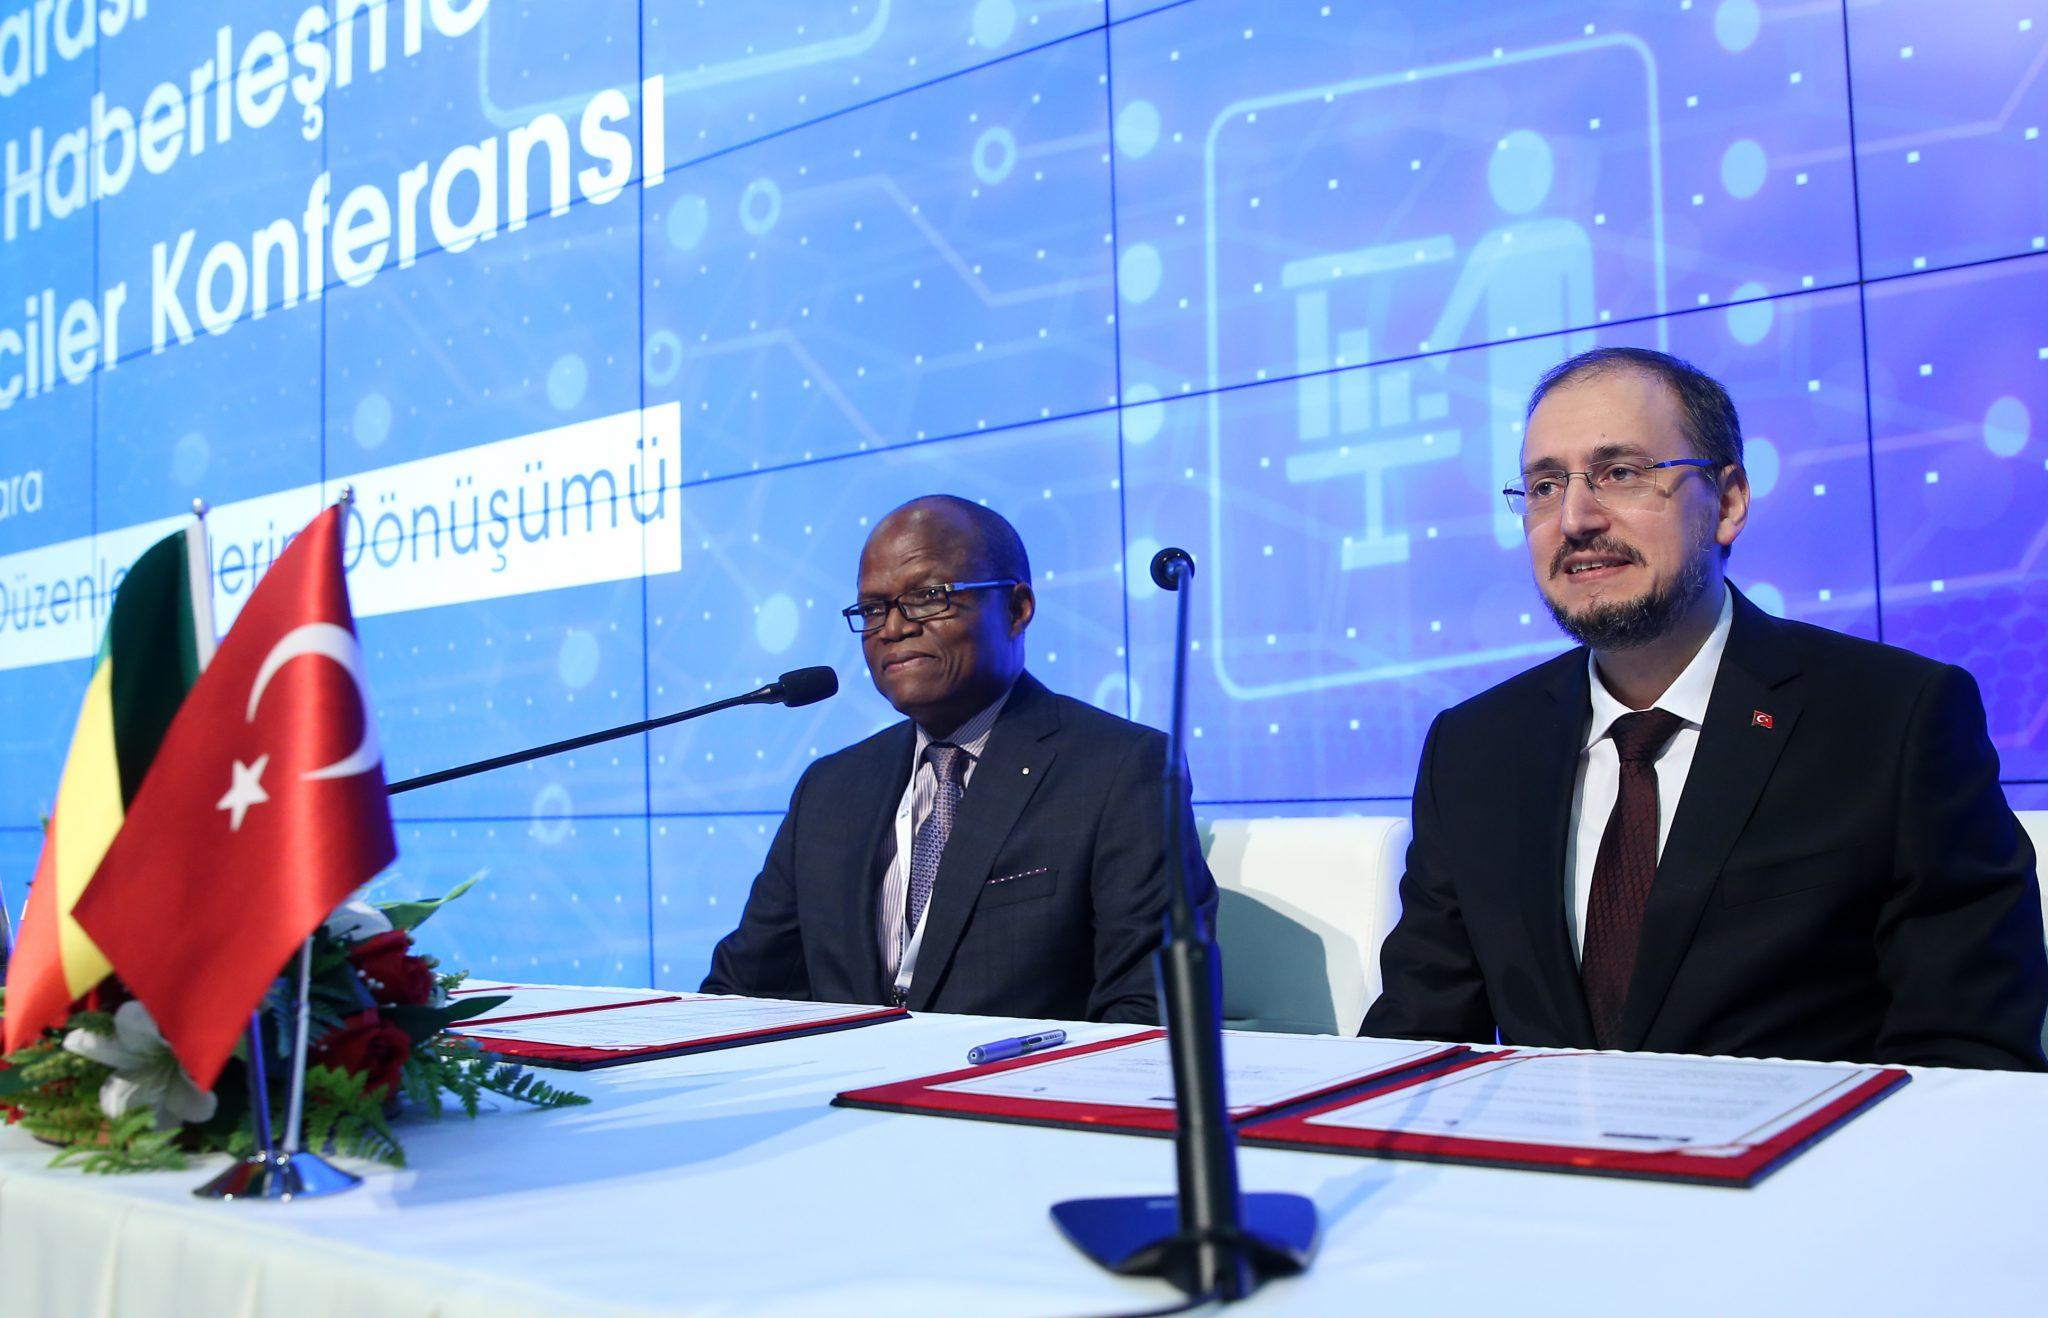 Uluslararası Elektronik Haberleşme Düzenleyicileri Konferansı